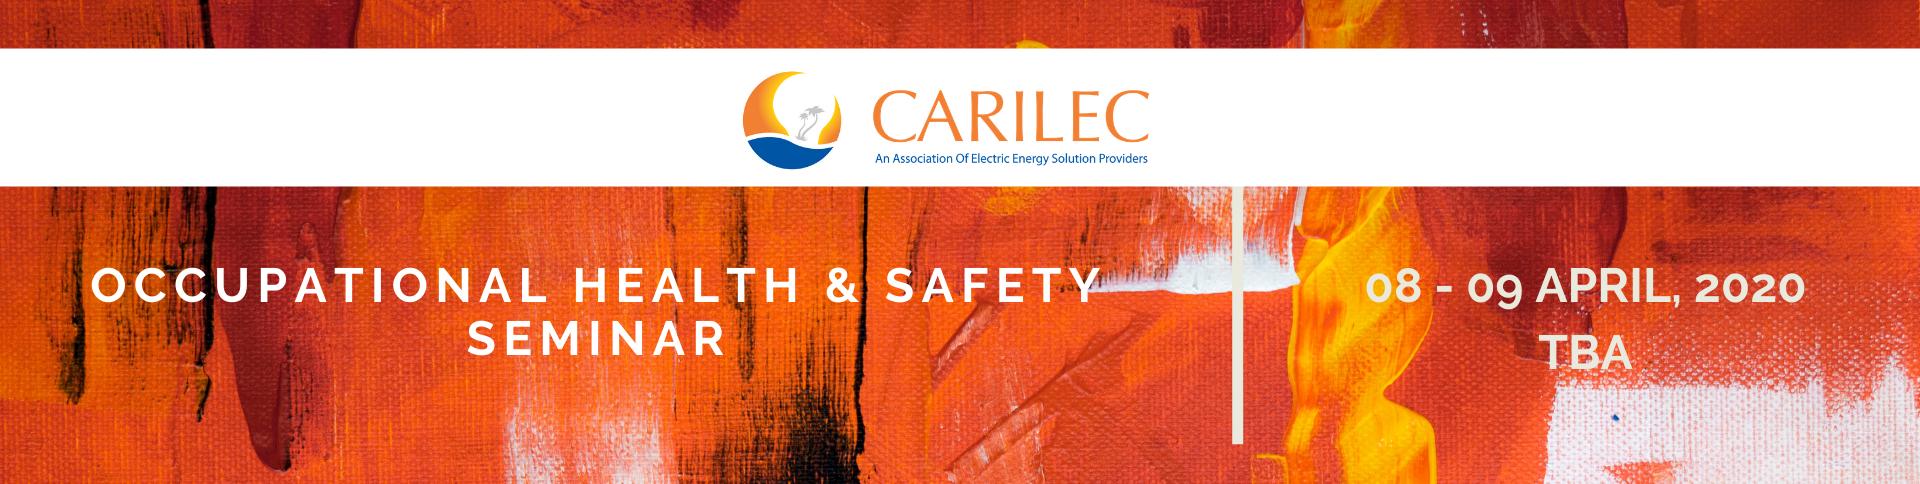 CARILEC OCCUPATIONAL HEALTH & SAFETY SEMINAR